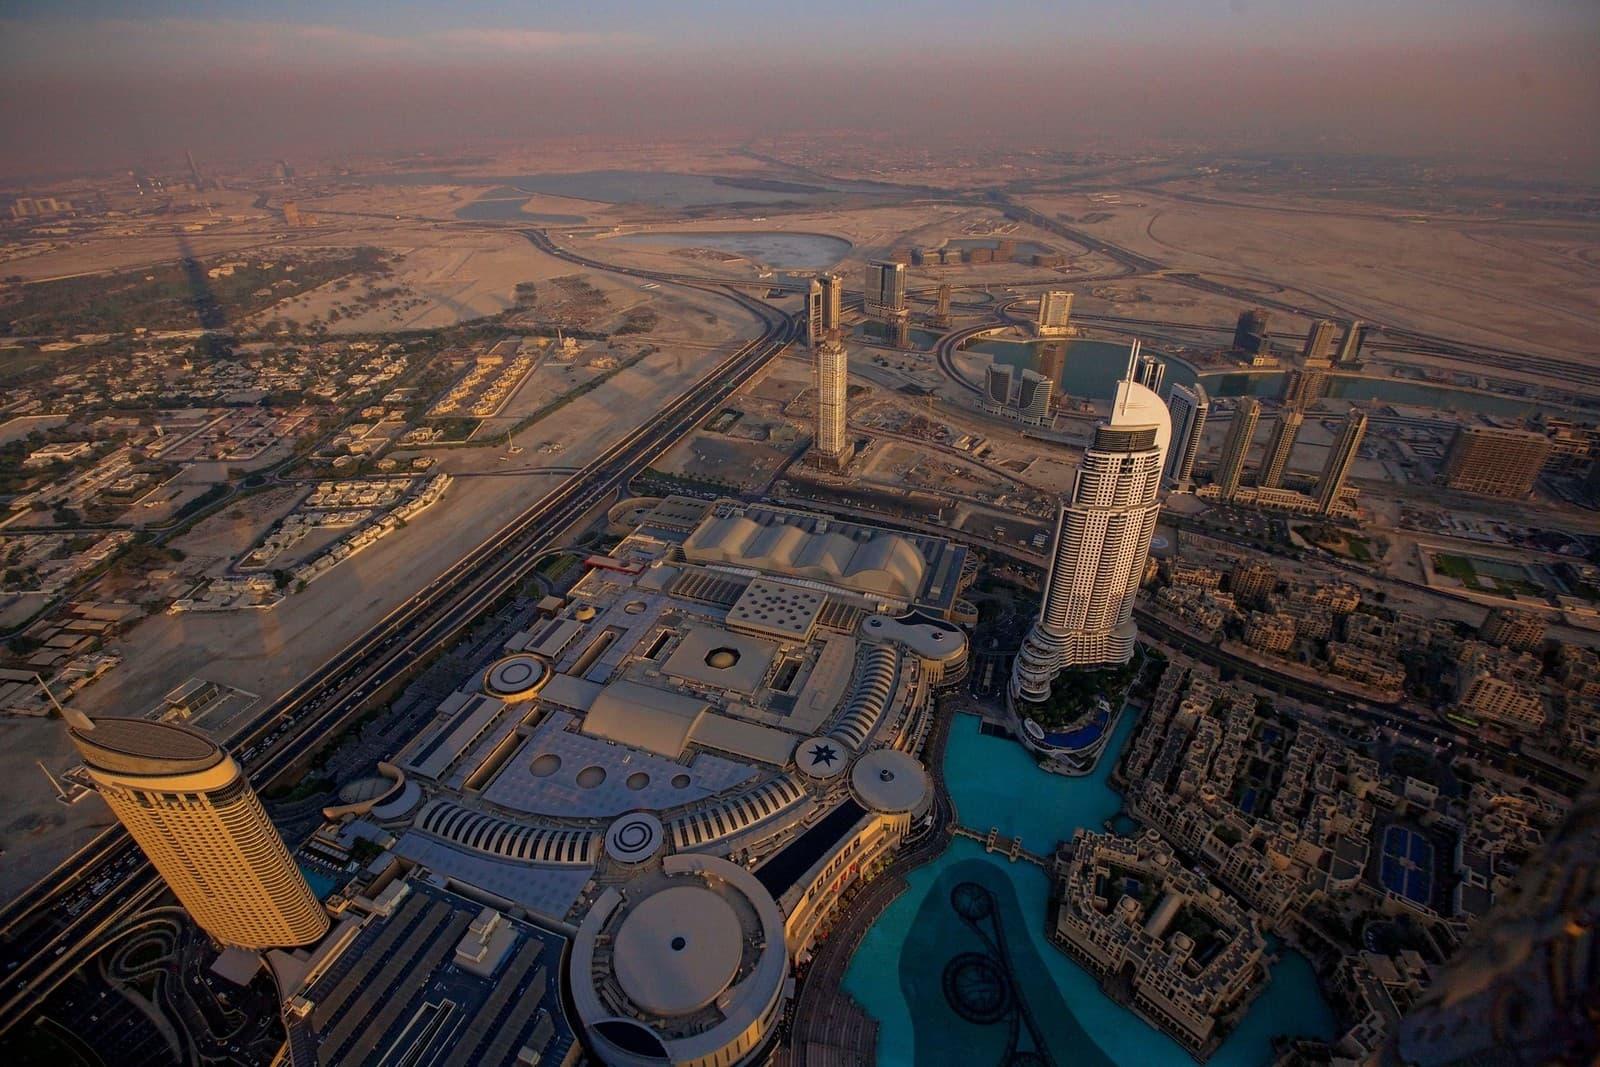 vista del desierto desde el Burj Khalifa